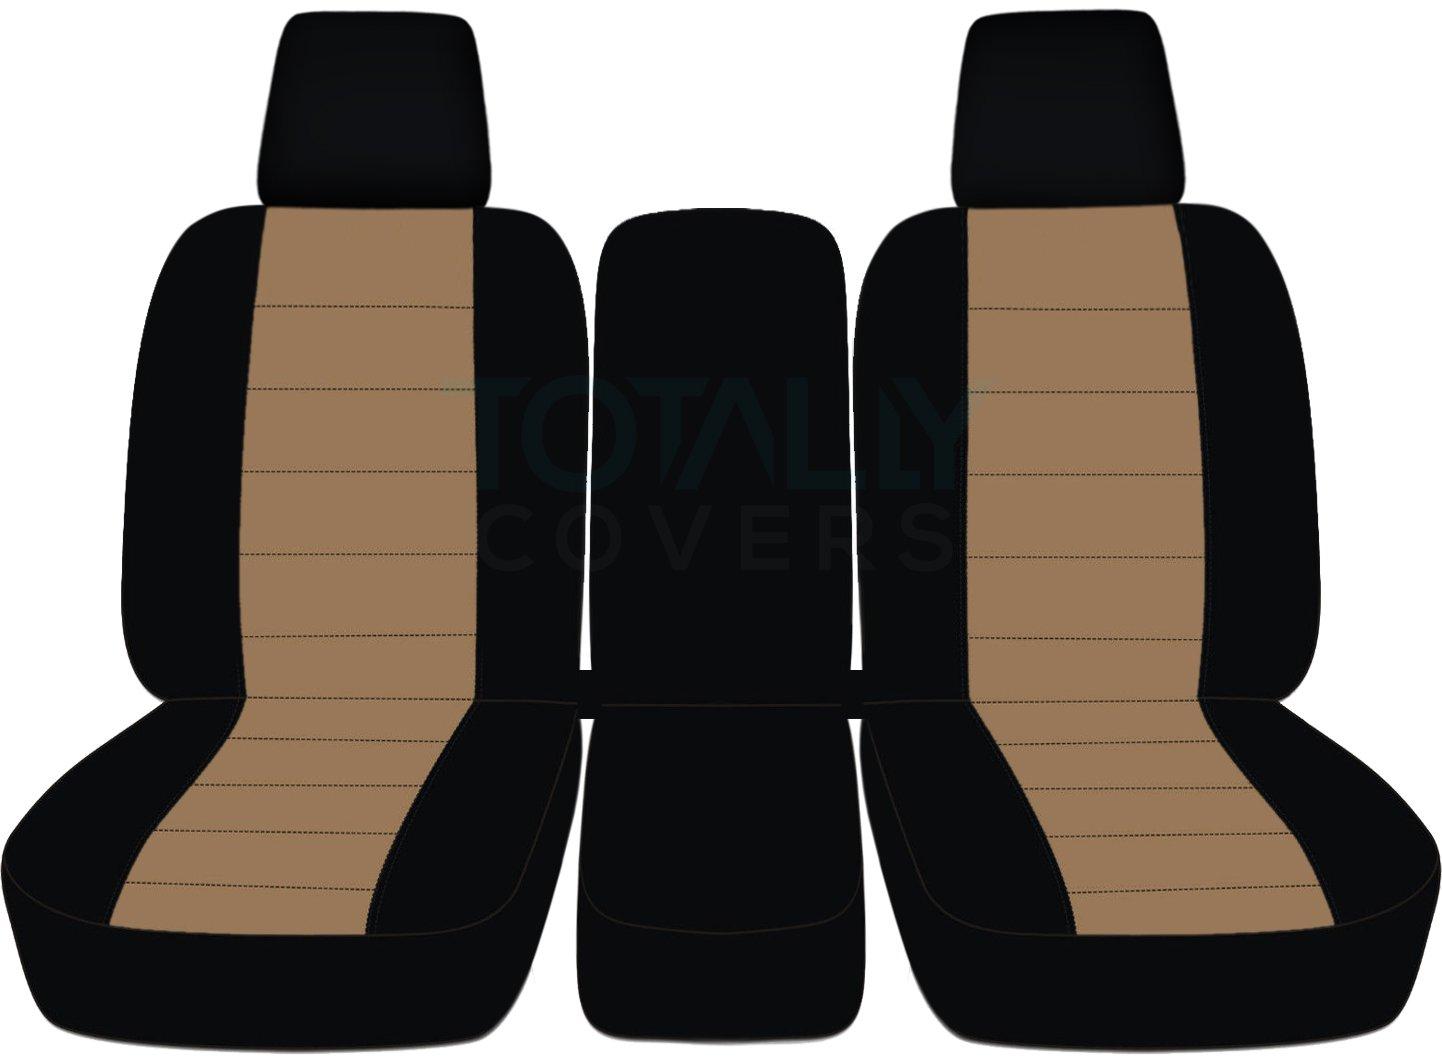 2004 – 2008フォードF - 150ツートンカラートラックシートカバー(フロント40 / 20 / 40分割ベンチ) センターコンソール/アームレスト、W / WO、シートベルト – フロント( 21色) 2005 2006 2007 Fシリーズf150 (右ハンドル車との互換性は保証いたしかねます) Solid Armrest ブラウン TCCSCTT26-15-0408FF150424-SA B06XDTLGFG Solid Armrest|Black and Brown Black and Brown Solid Armrest